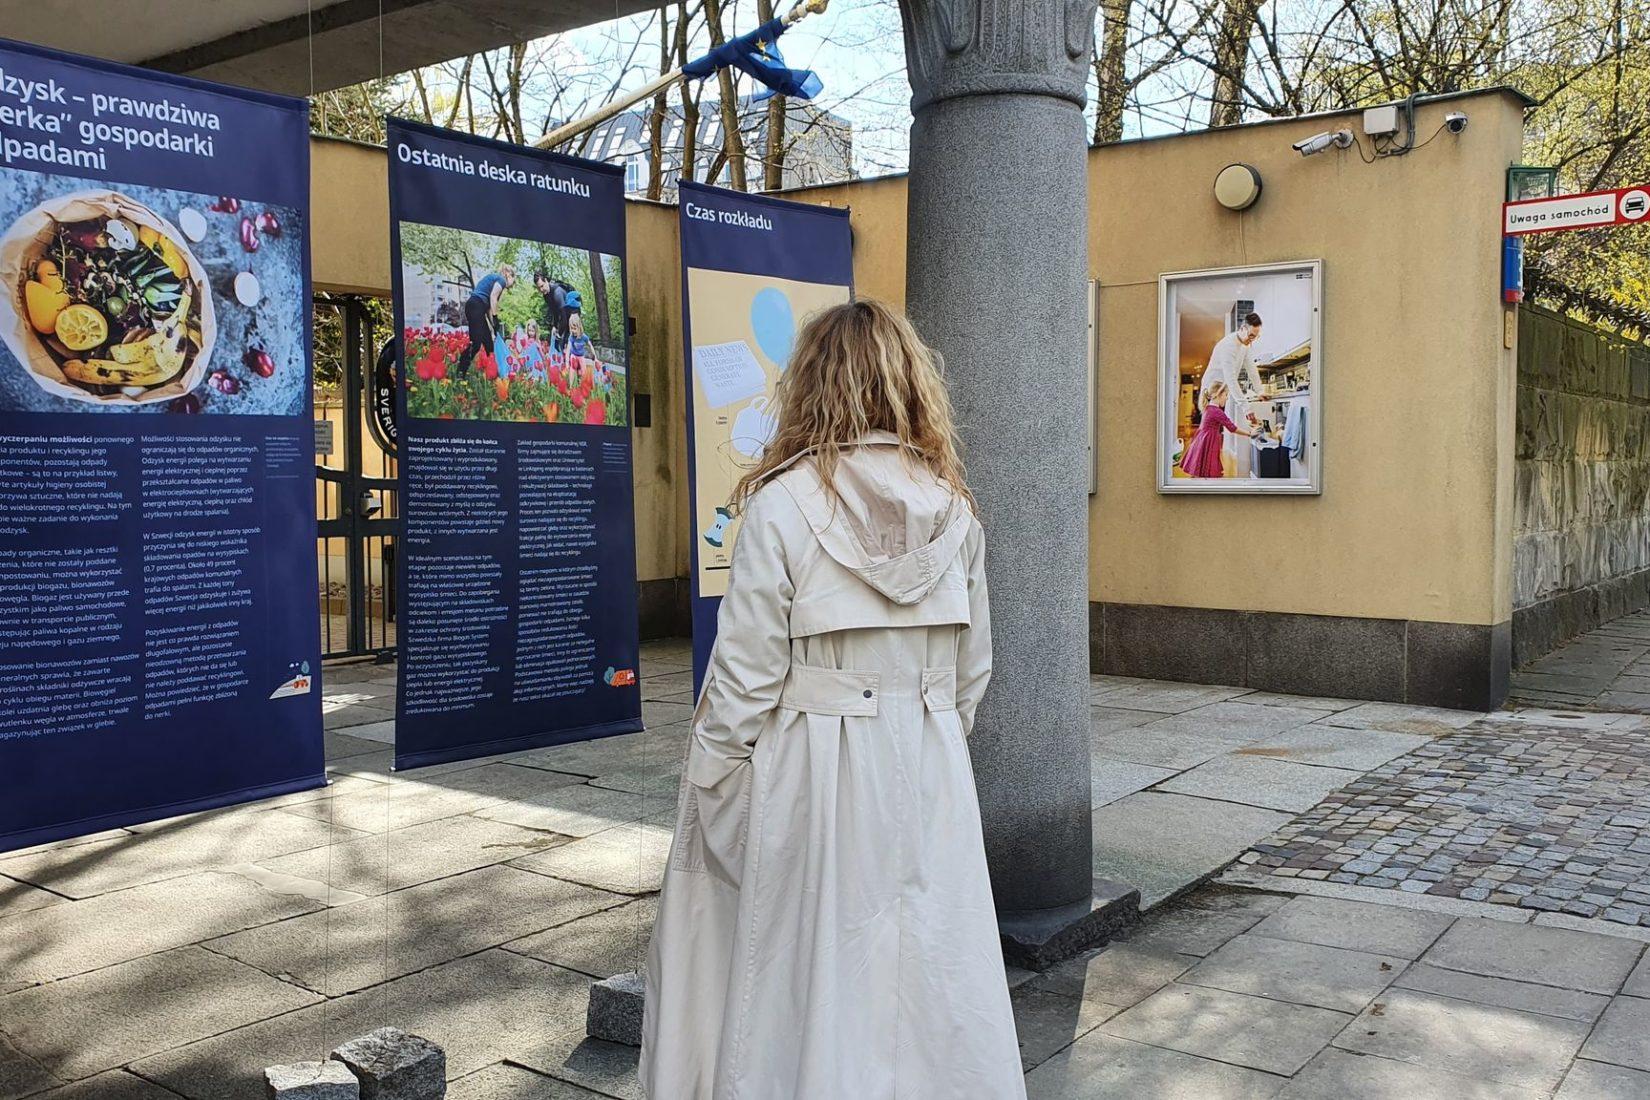 En person med långt blond och lockigt hår med beige trenchcoat tittar på utställningen med ryggen mot kameran.